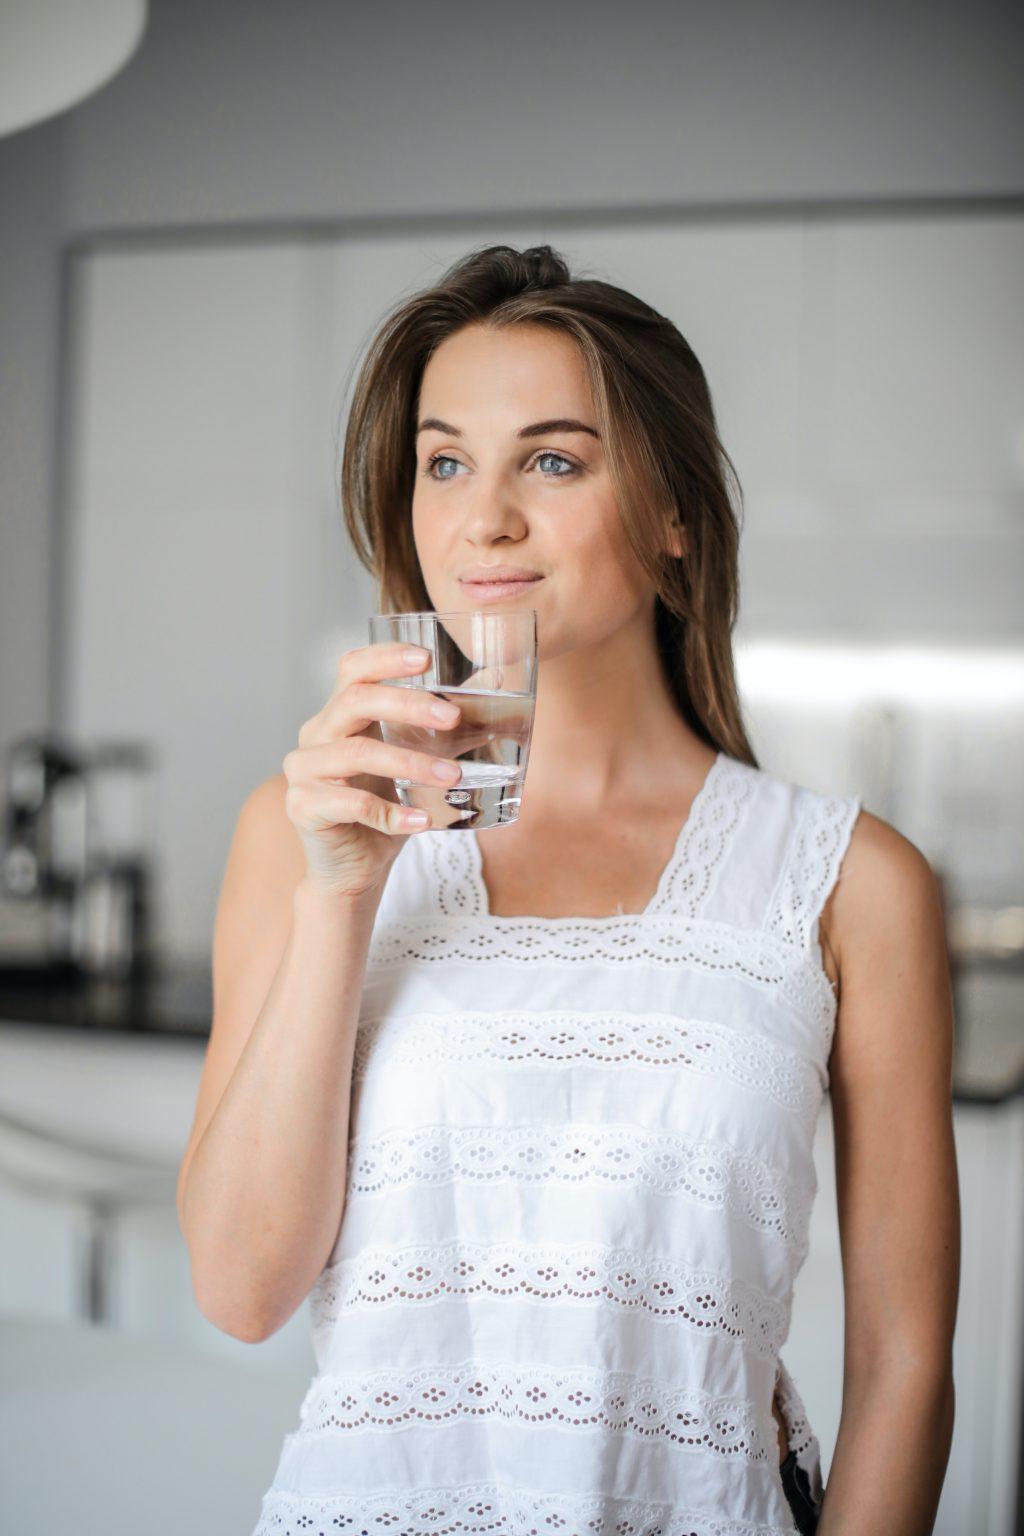 Để giảm cân hiệu quả, nên uống nhiều nước